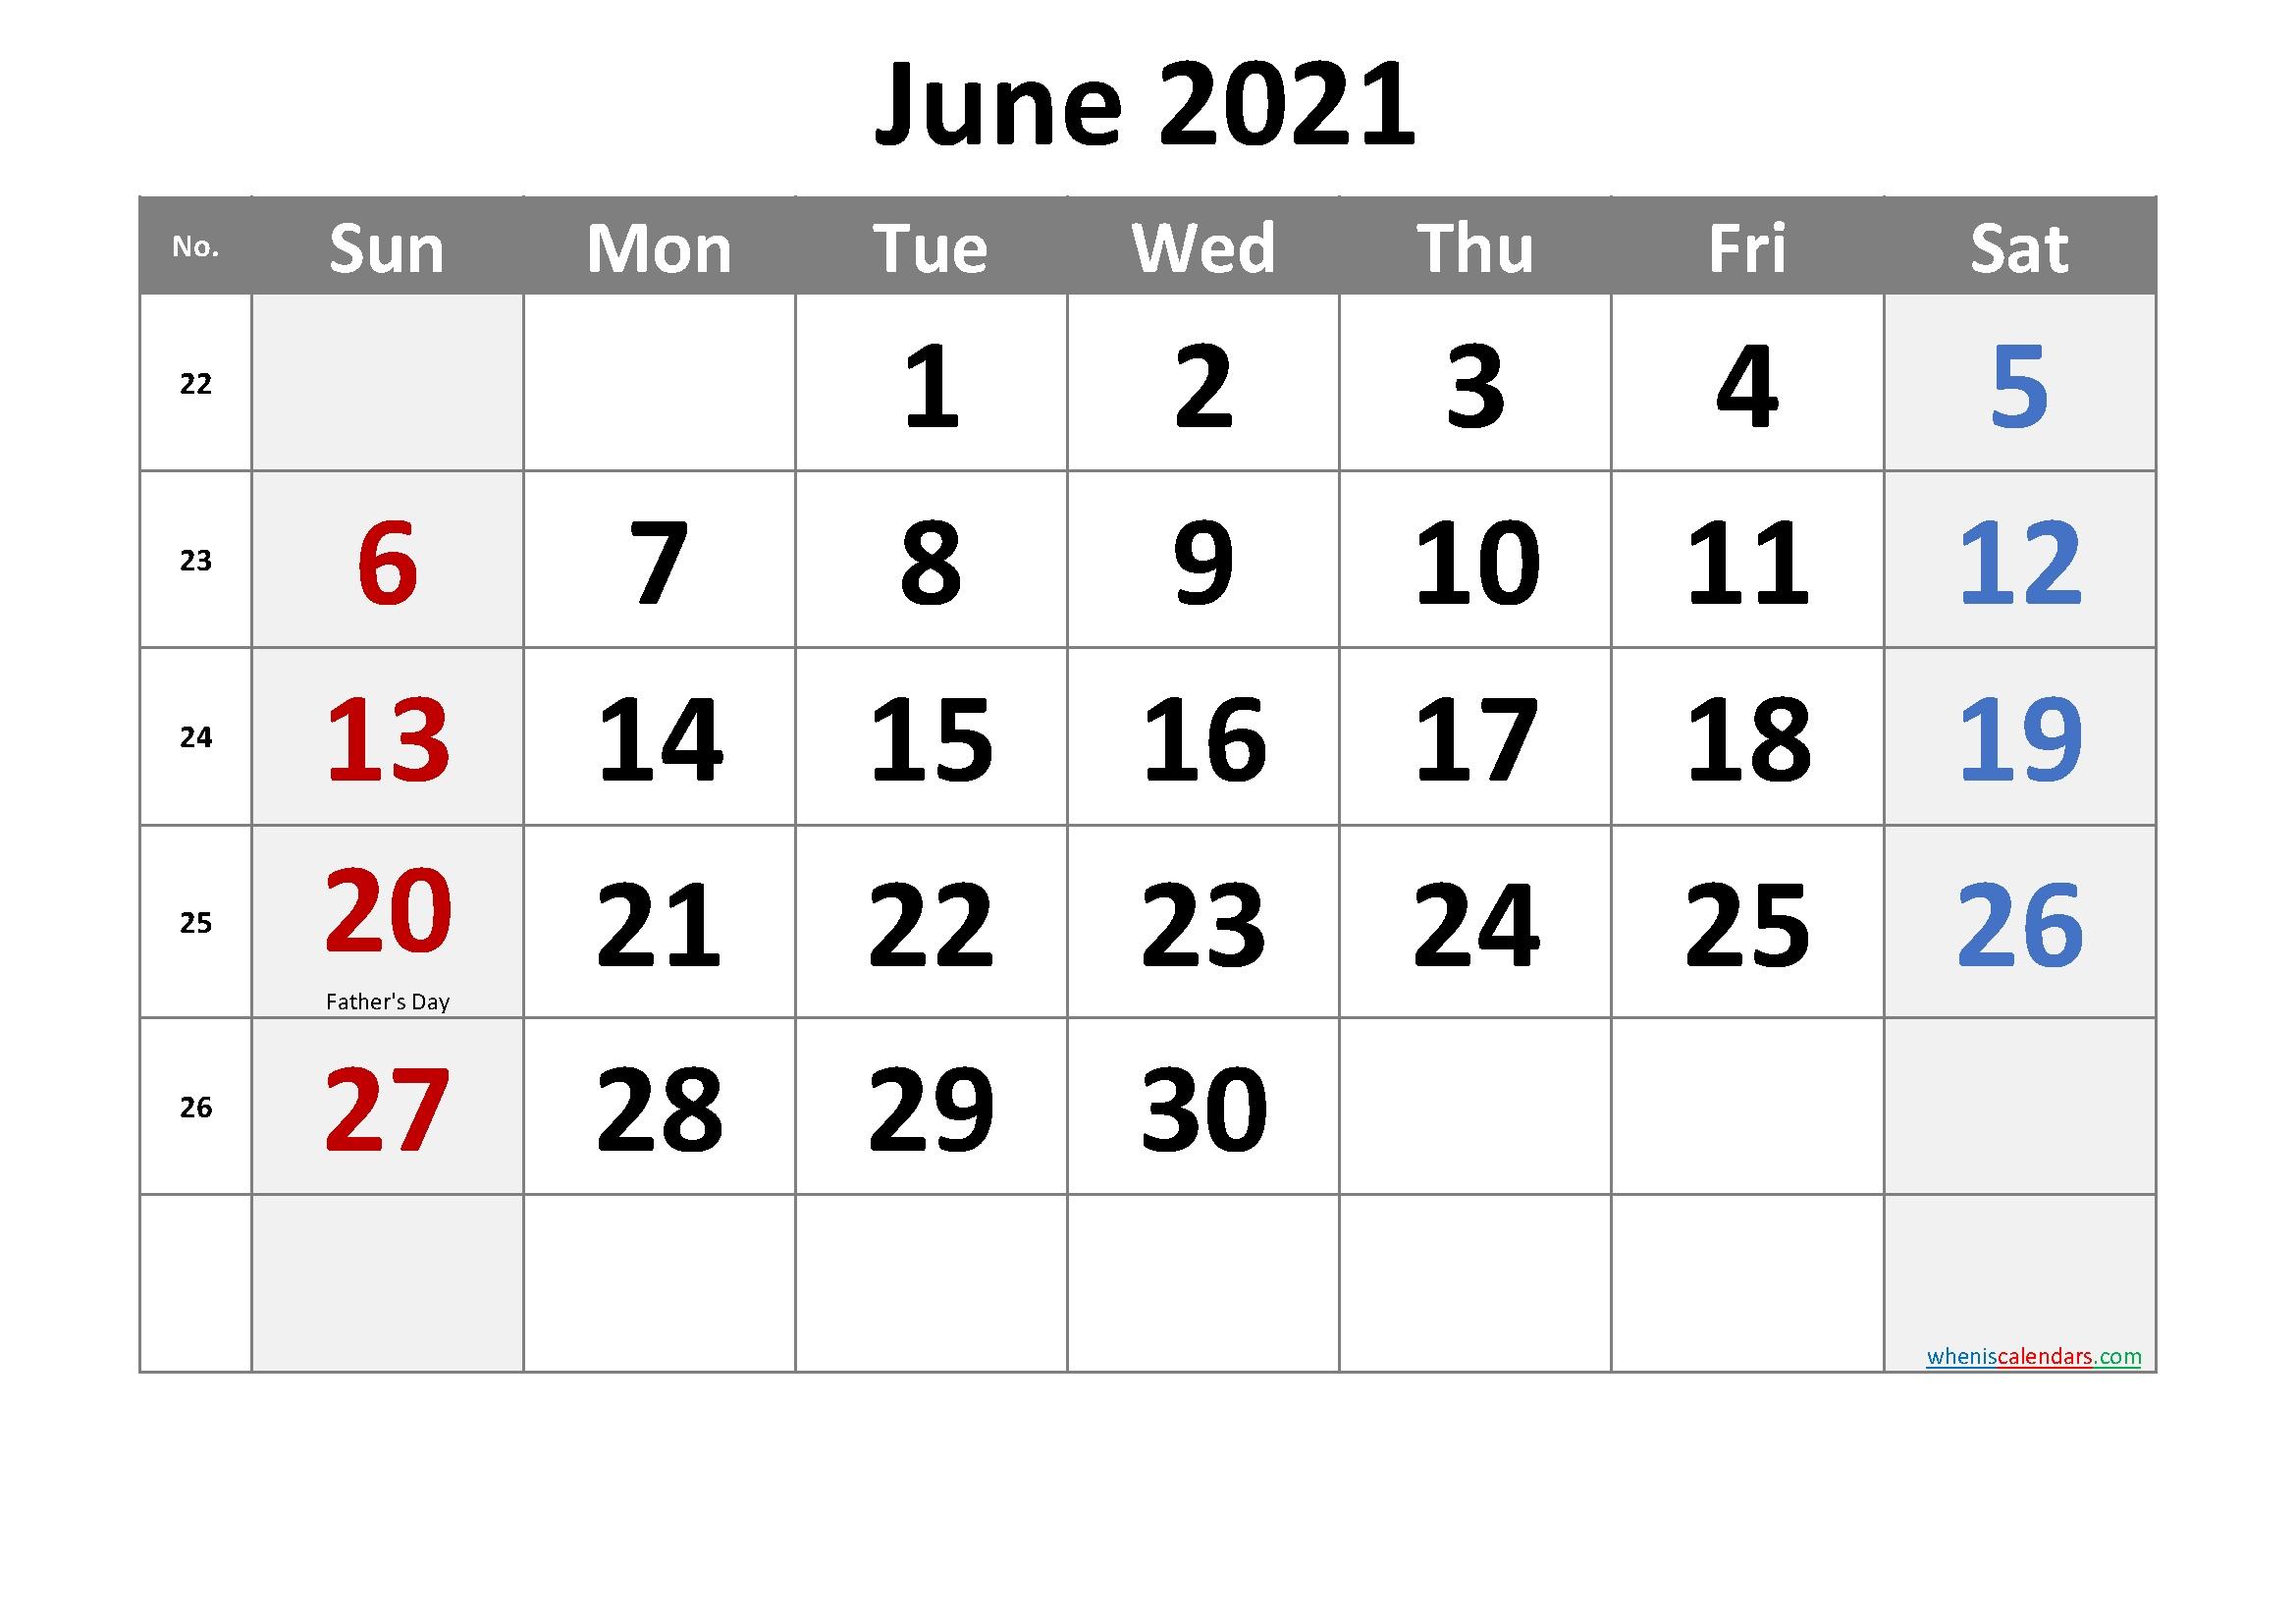 Free Printable June 2021 Calendar In 2020 | June Calendar